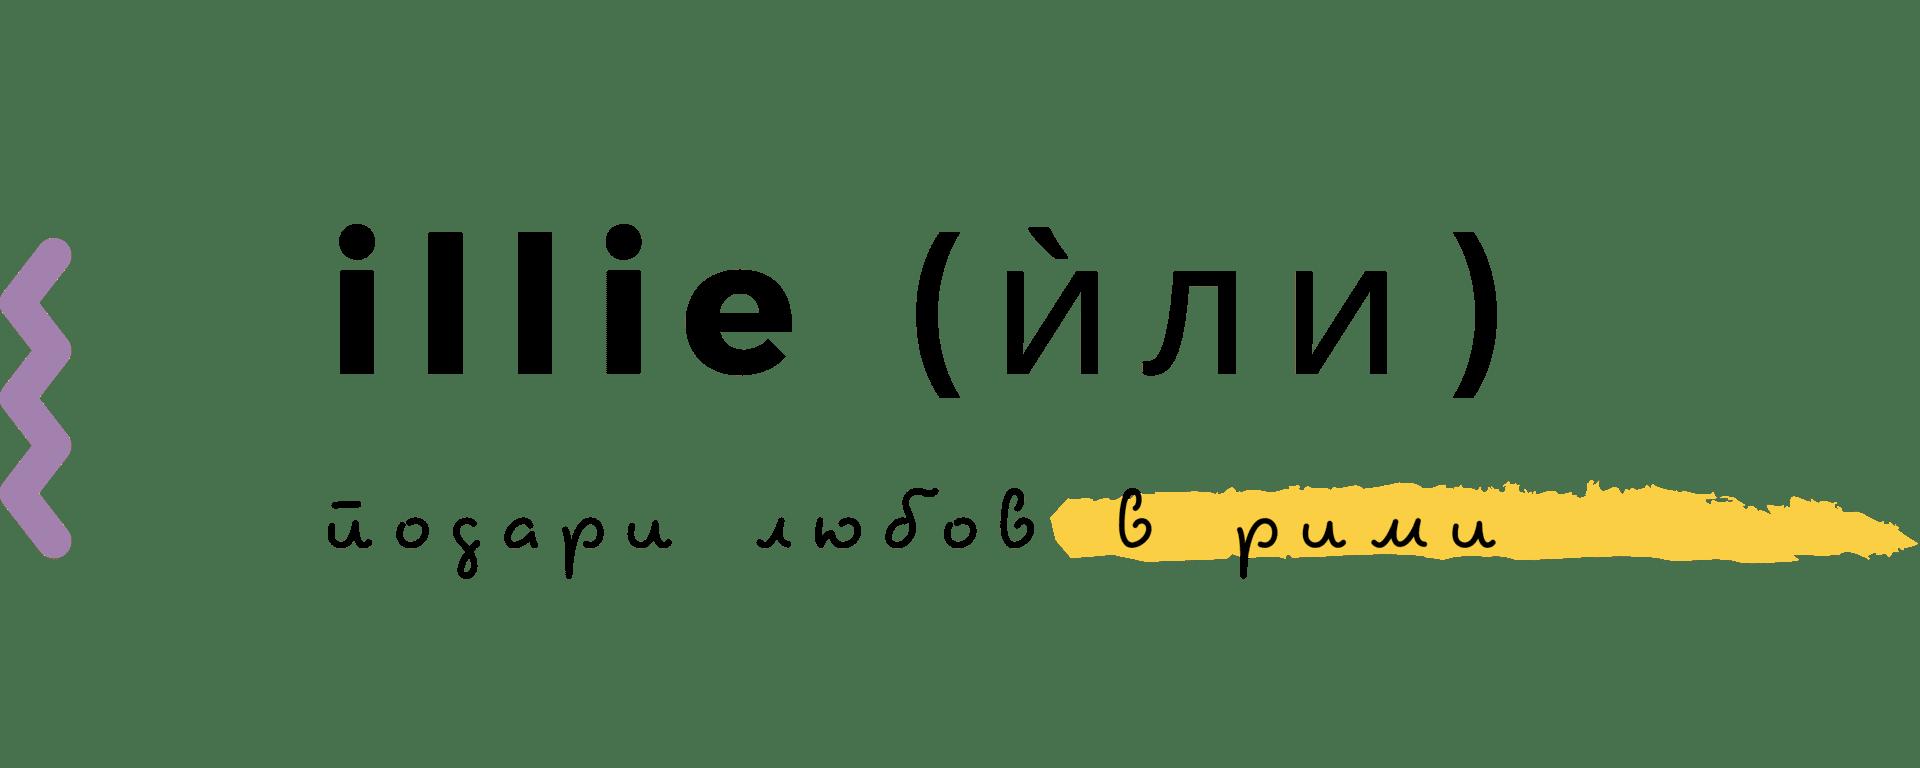 illie